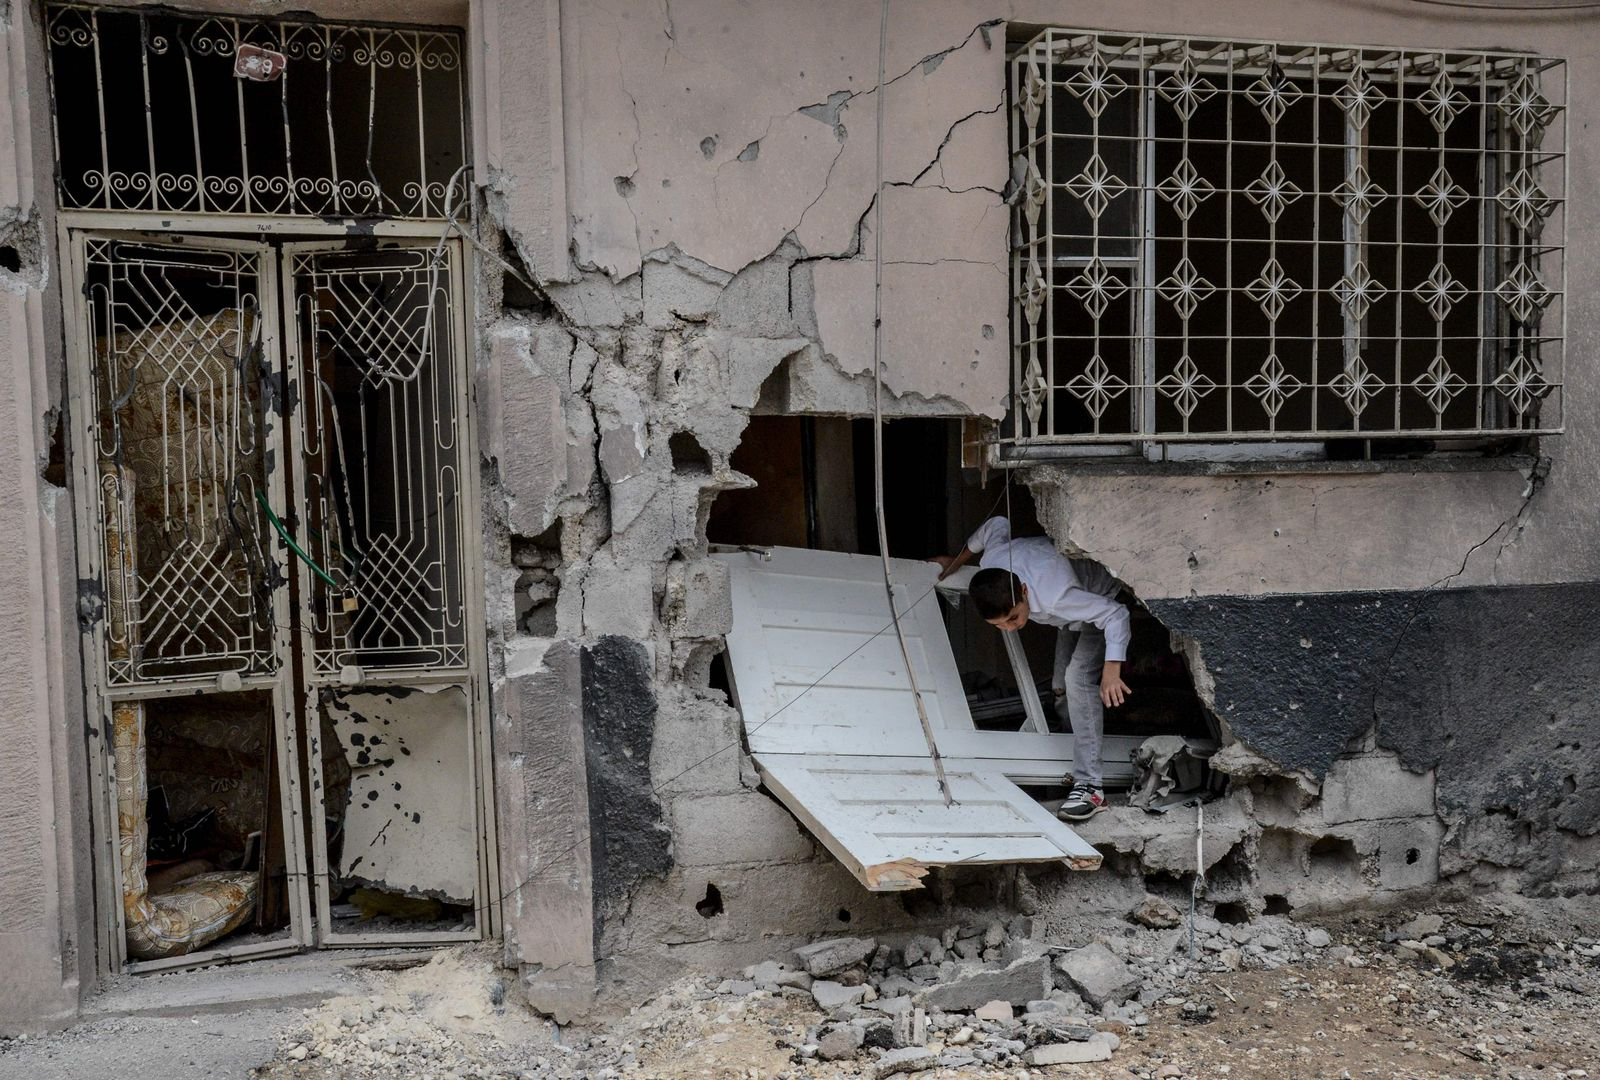 Türkei / Kilis / Syrer / Türkische Grenze